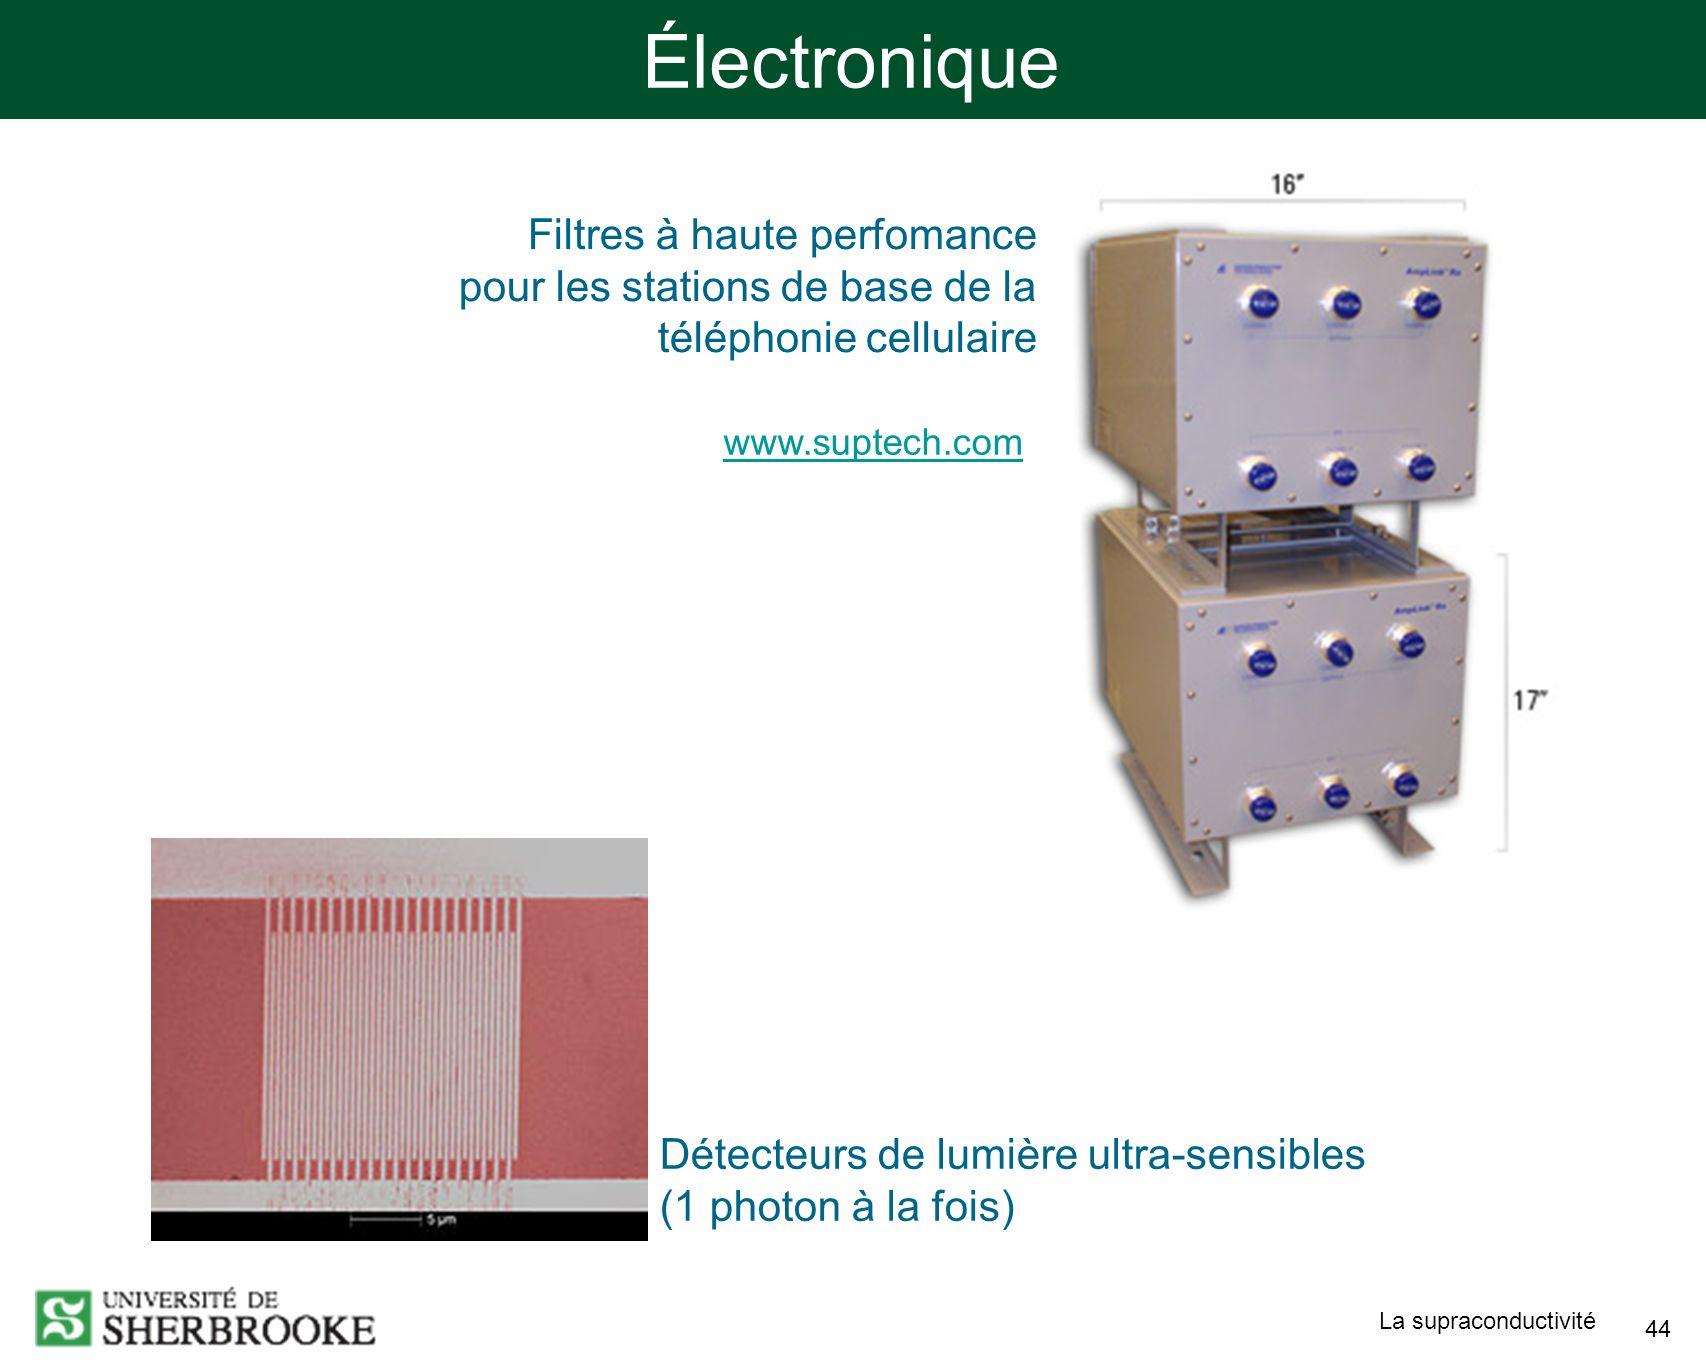 Électronique Filtres à haute perfomance pour les stations de base de la téléphonie cellulaire. www.suptech.com.